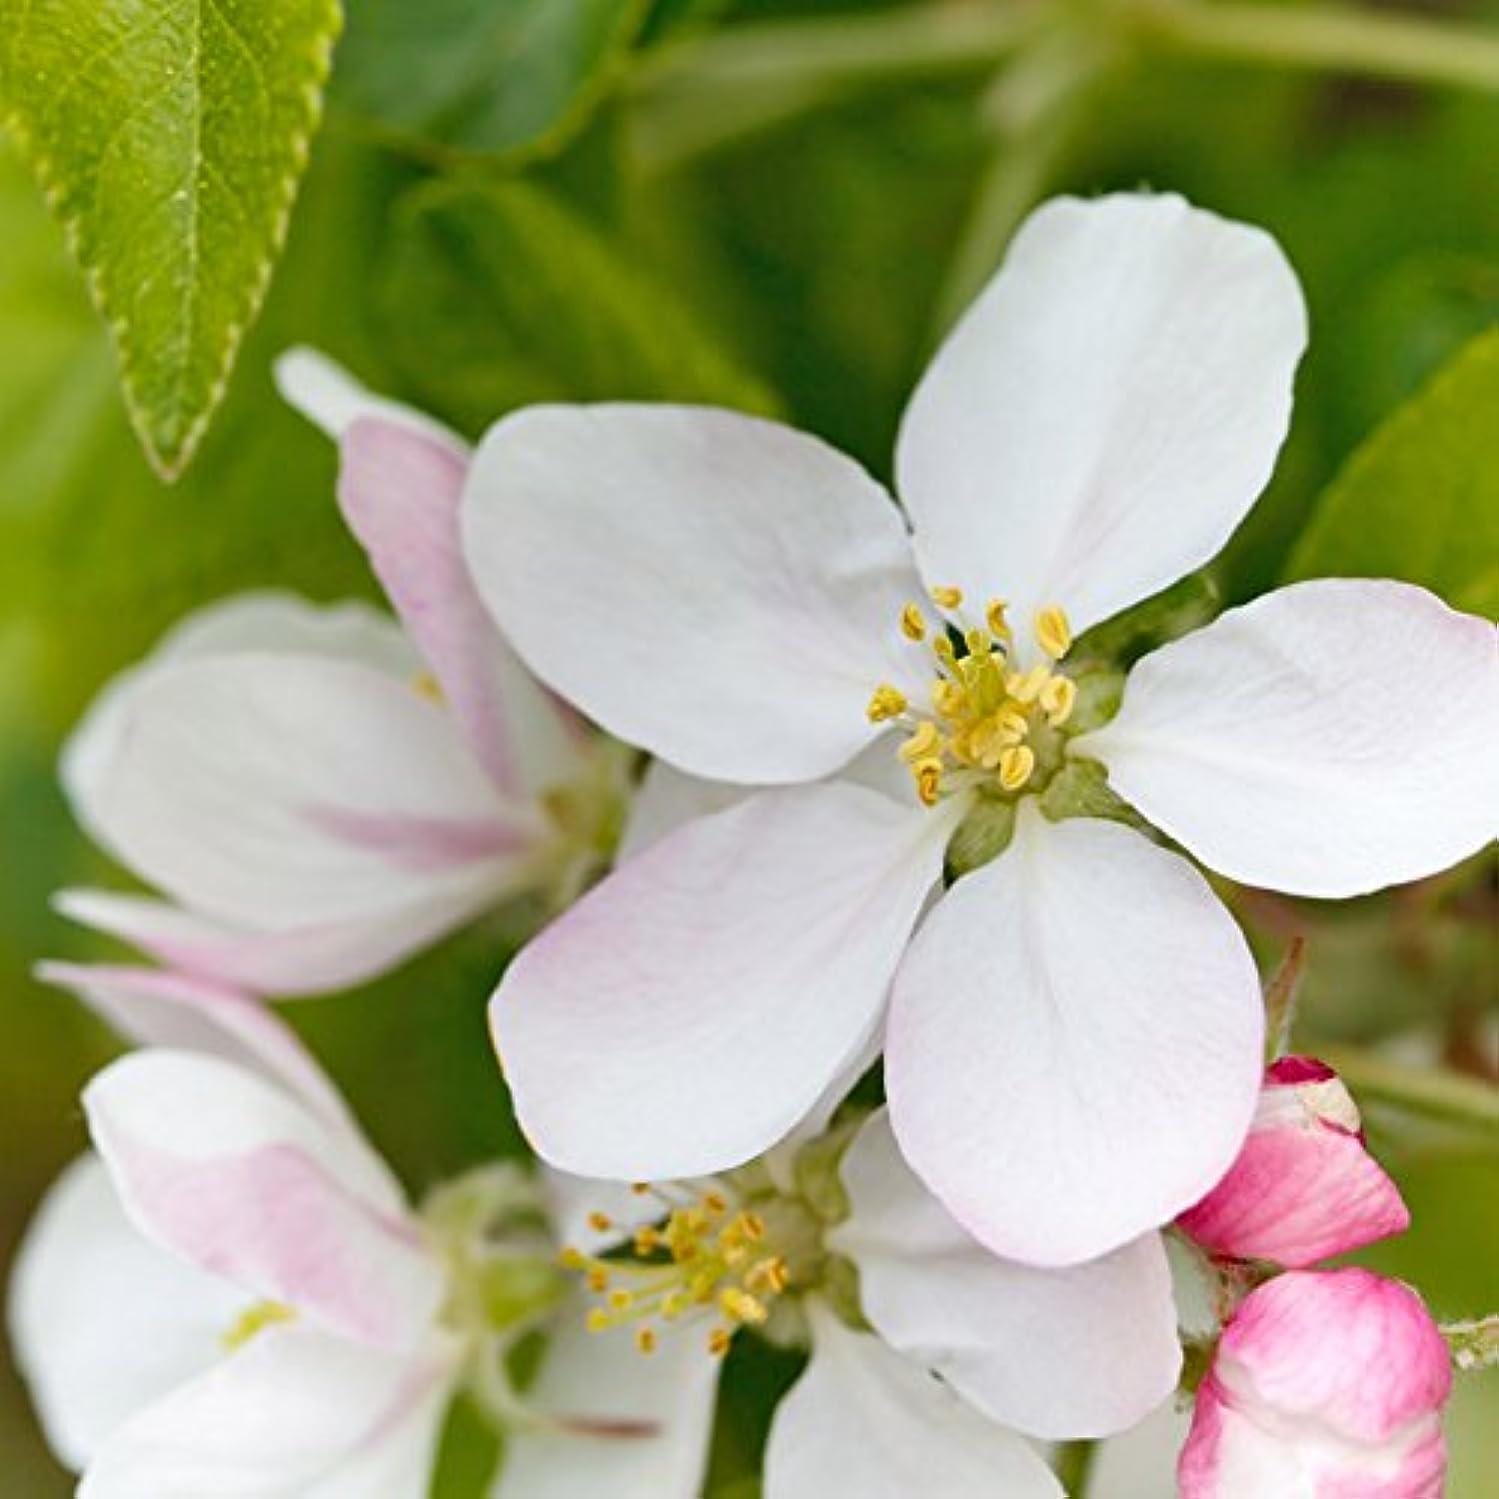 マリンバルブ神のアロマフレグランスオイル アップルブロッサム(Apple Blossom)